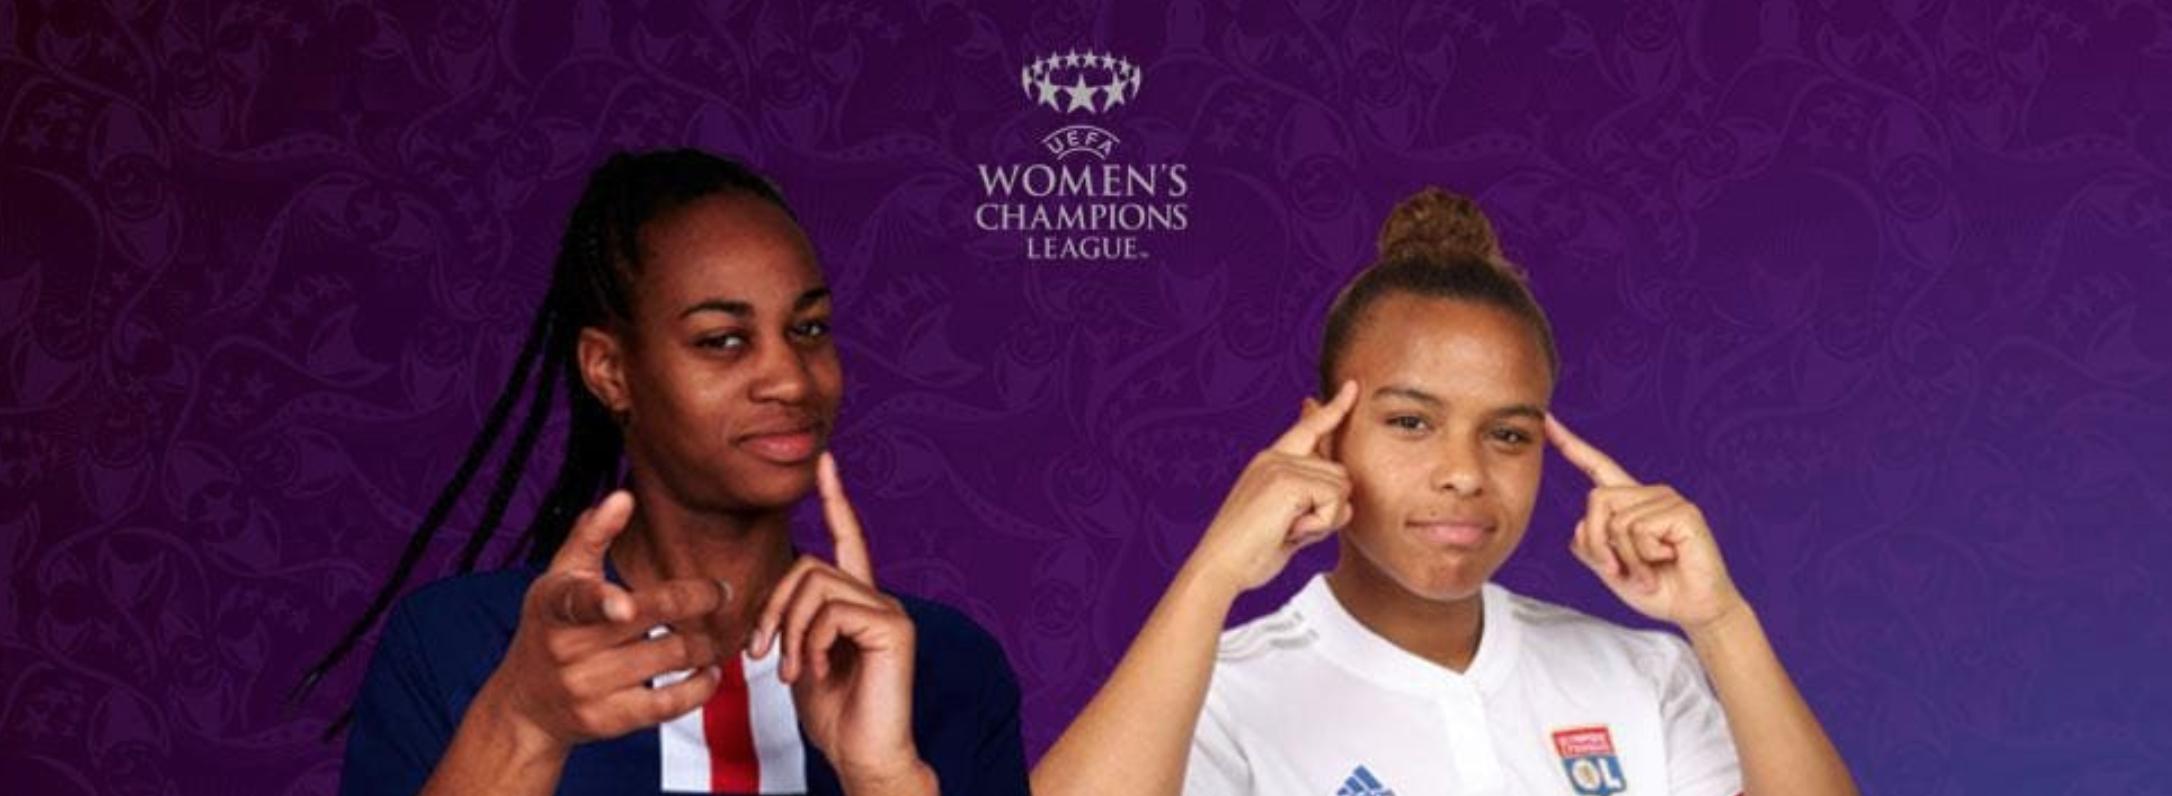 Pronostic PSG Lyon Ligue des Champions féminine